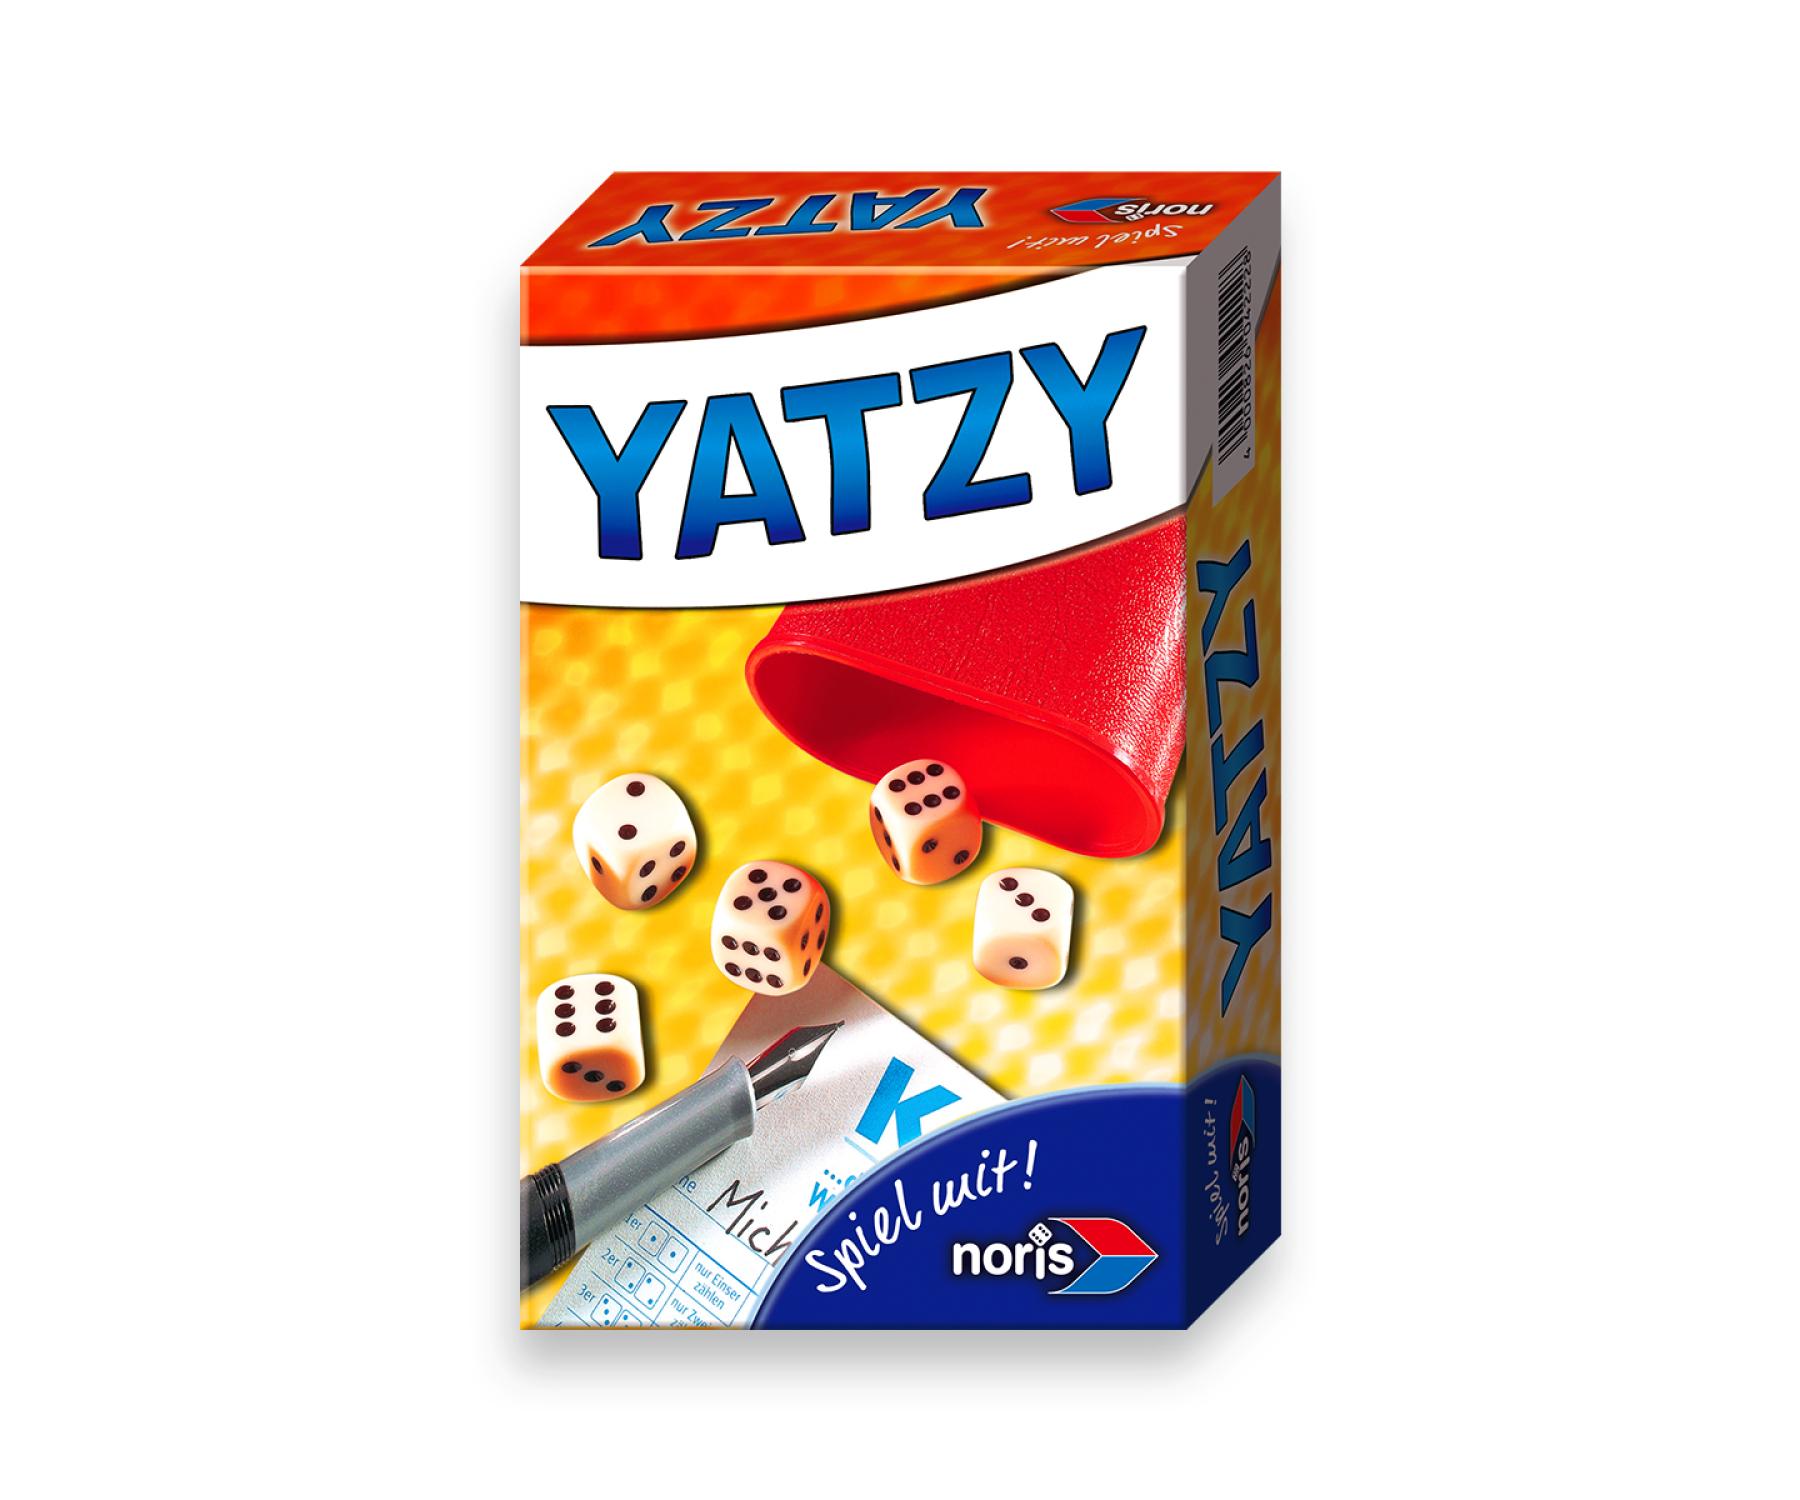 Yatzy Das Würfelspiel